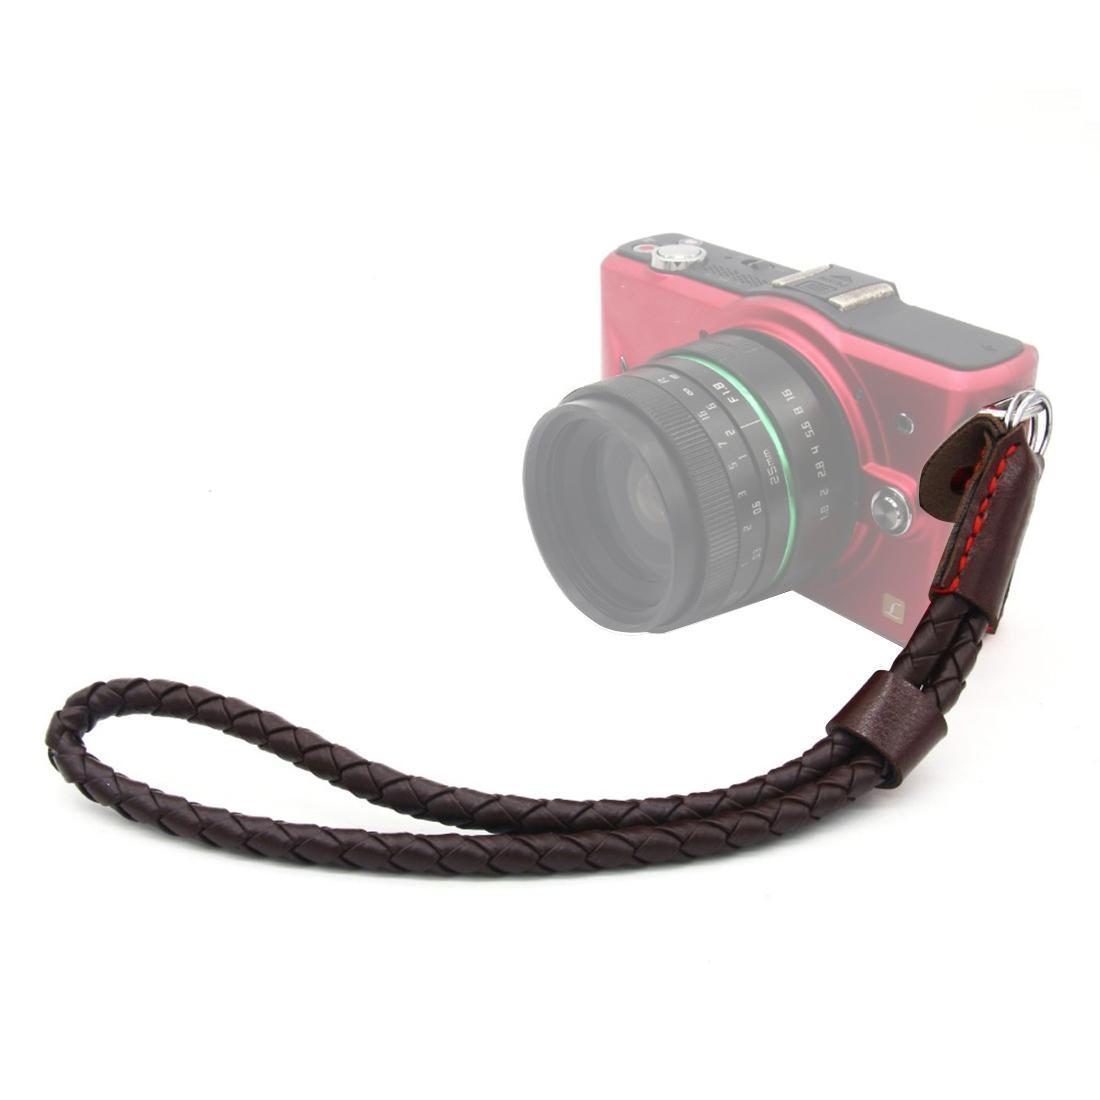 Correa armadura de la mano del estilo de la muñeca correa de la empuñadura de la PU de cuero para cámaras DSLR / SLR